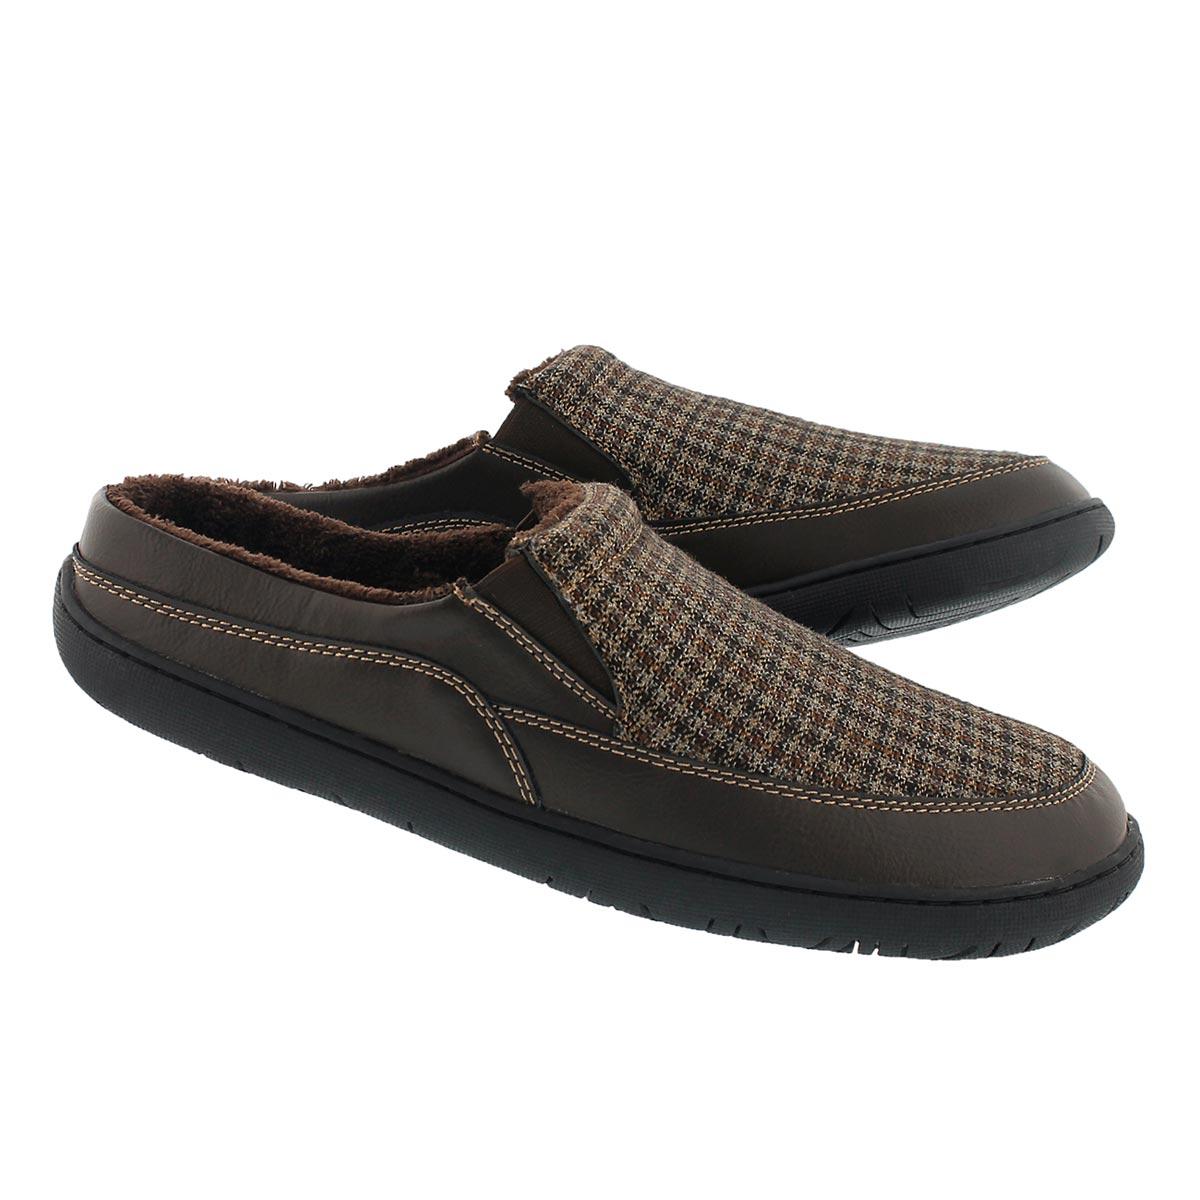 Mns Sheldon brown pld open back slipper